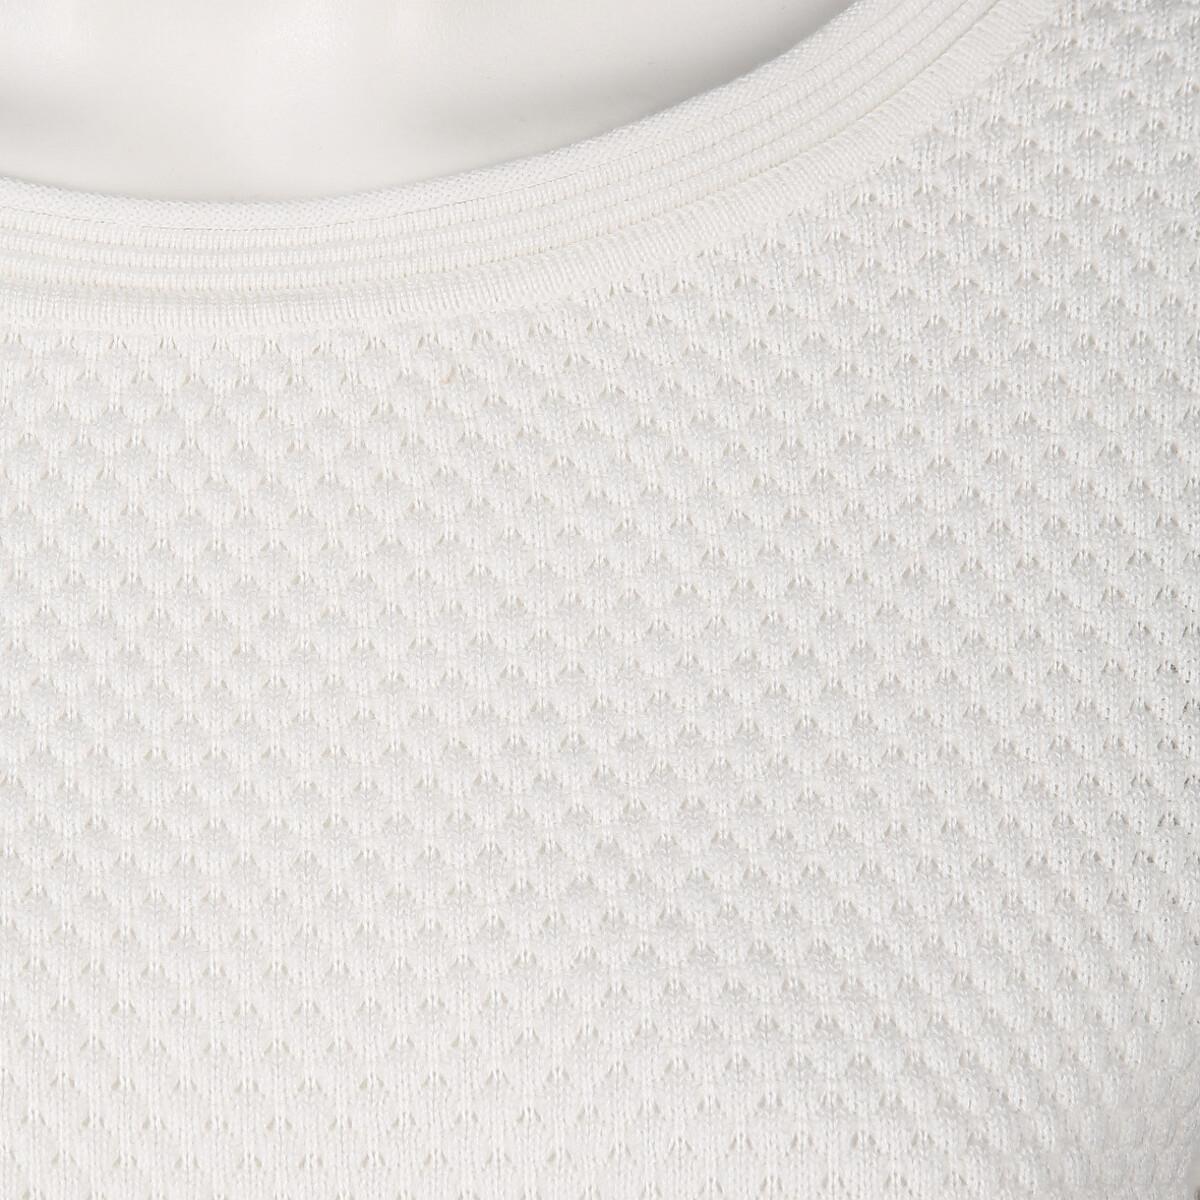 Bild 3 von Damen Struktur Shirt